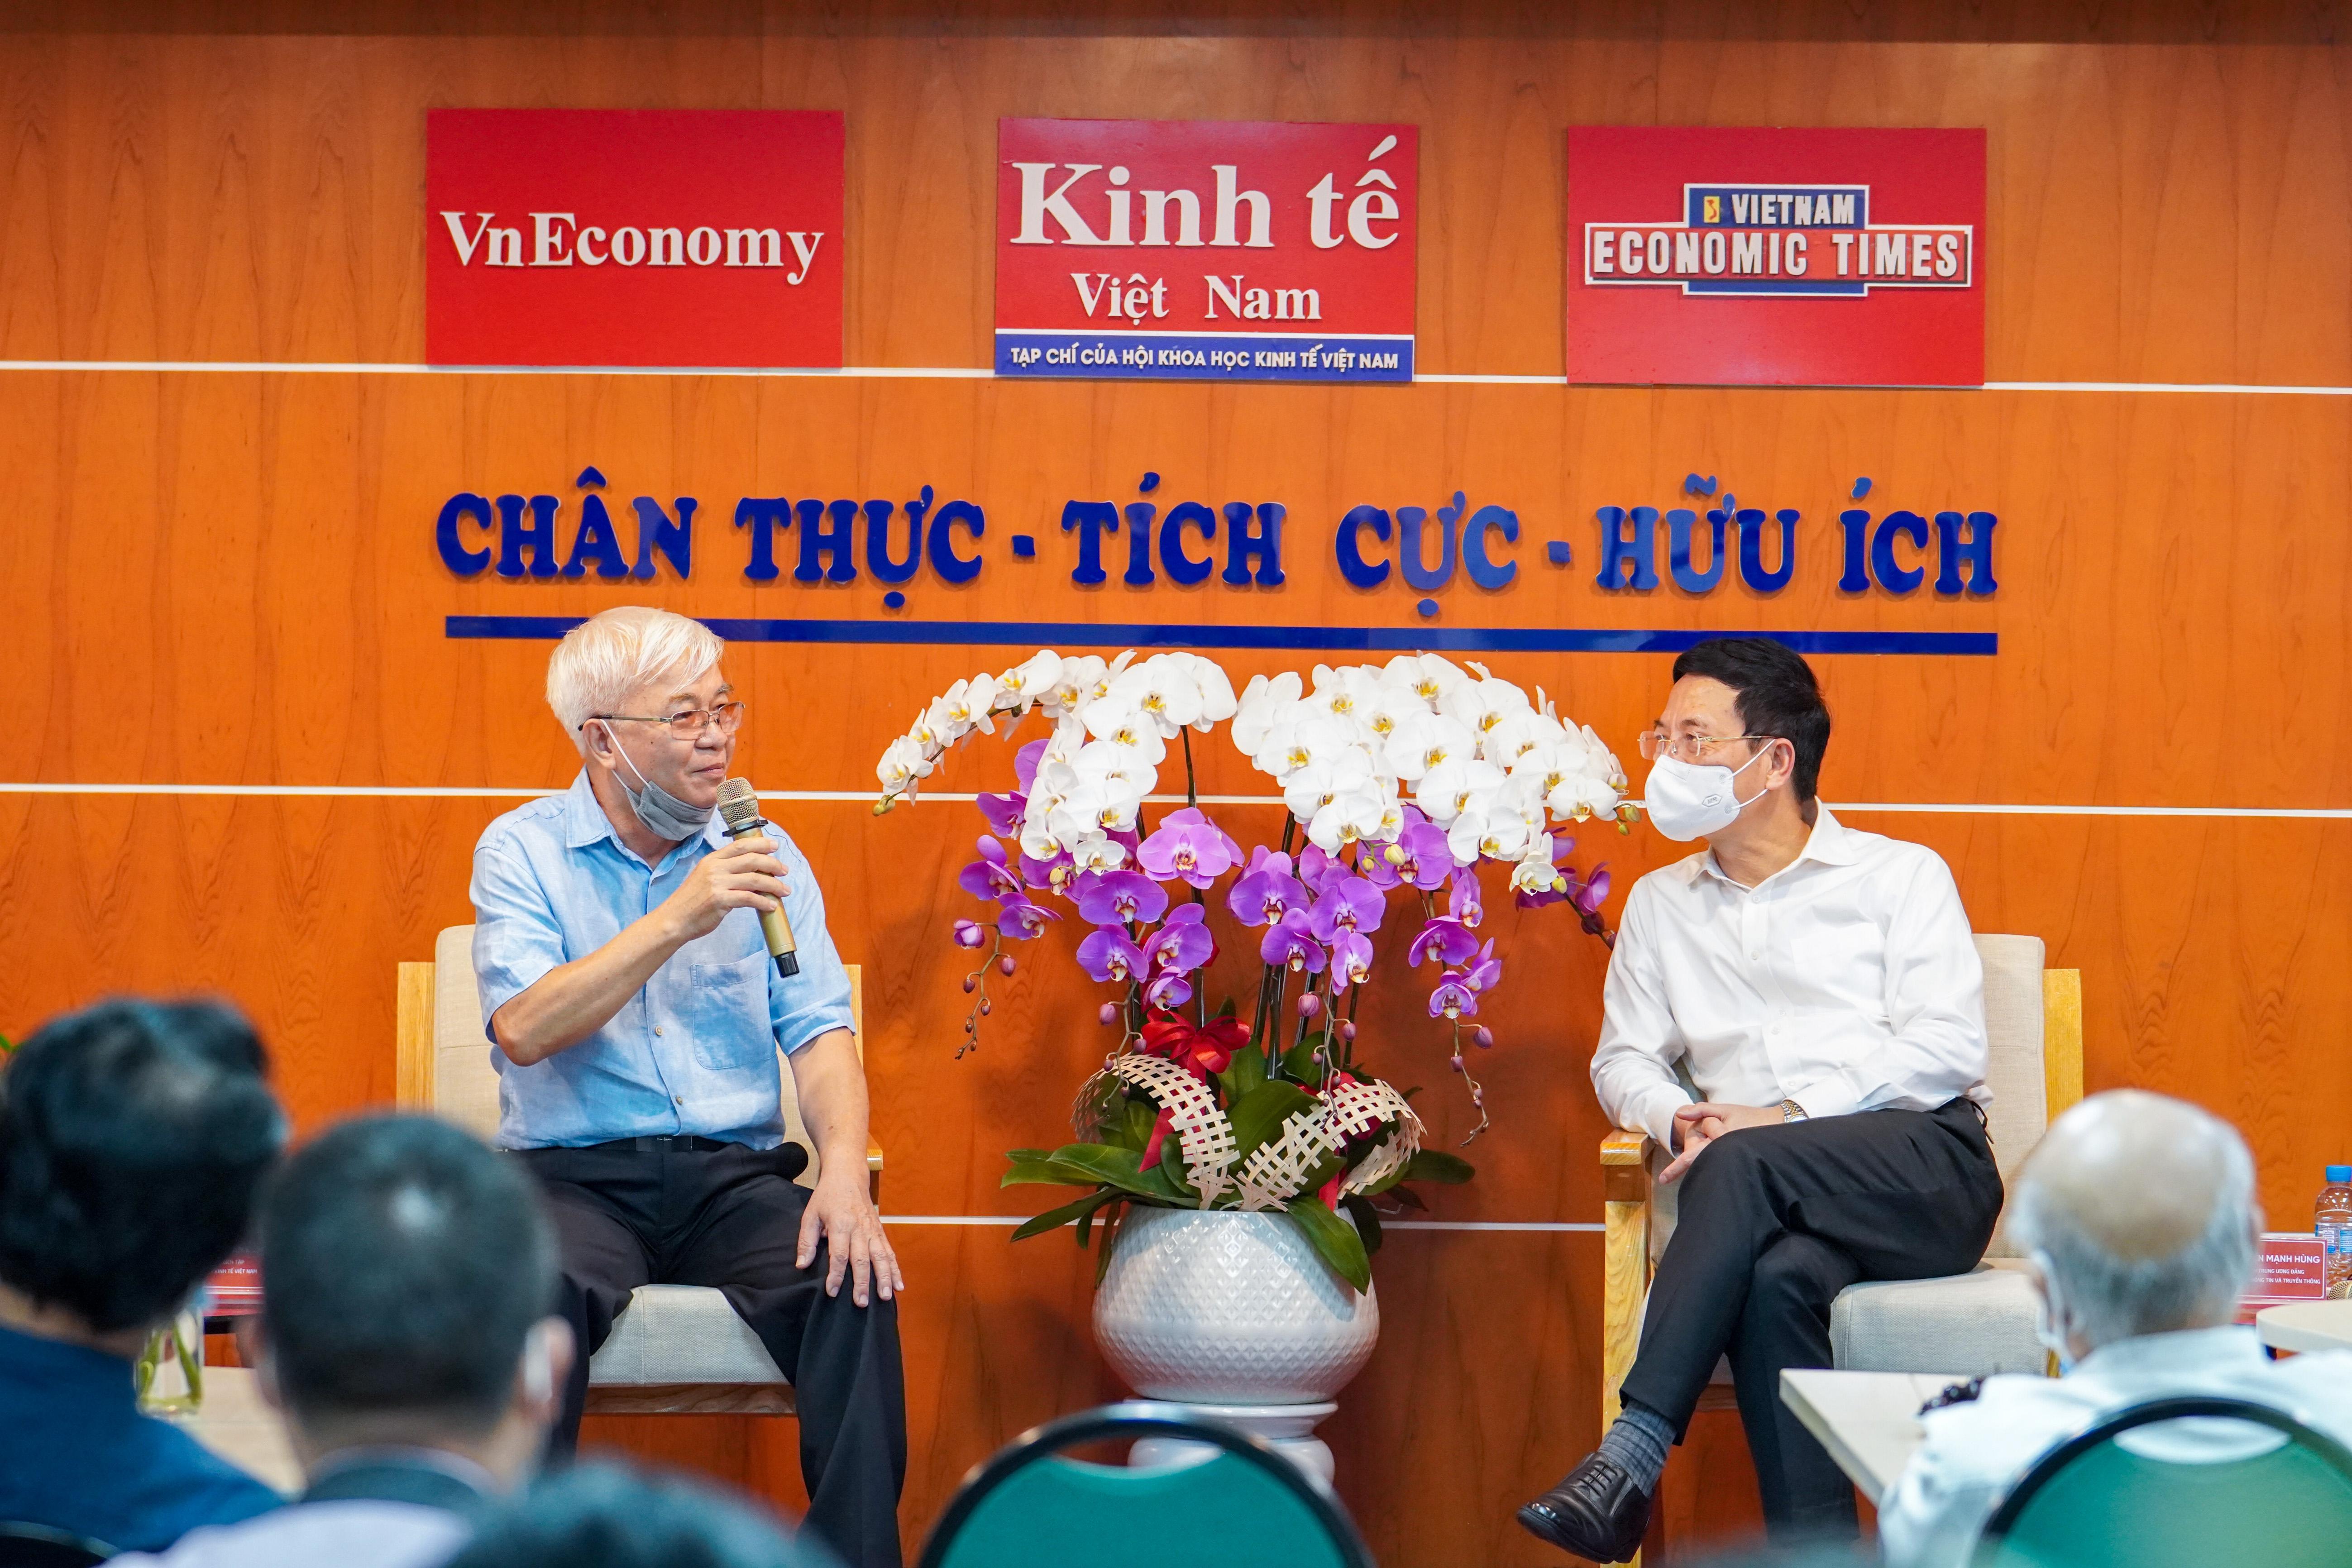 Thay mặt toàn thể cán bộ, phóng viên, biên tập viên của Tạp chí Kinh tế Việt Nam, Tổng Biên tập Chử Văn Lâm đã cảm ơn Bộ trưởng Nguyễn Mạnh Hùng và các đồng chí lãnh đạo Bộ Thông tin và Truyền thông đã quan tâm, động viên, ủng hộ và chỉ hướng đi trọng tâm trong tương lai cho Tạp chí.